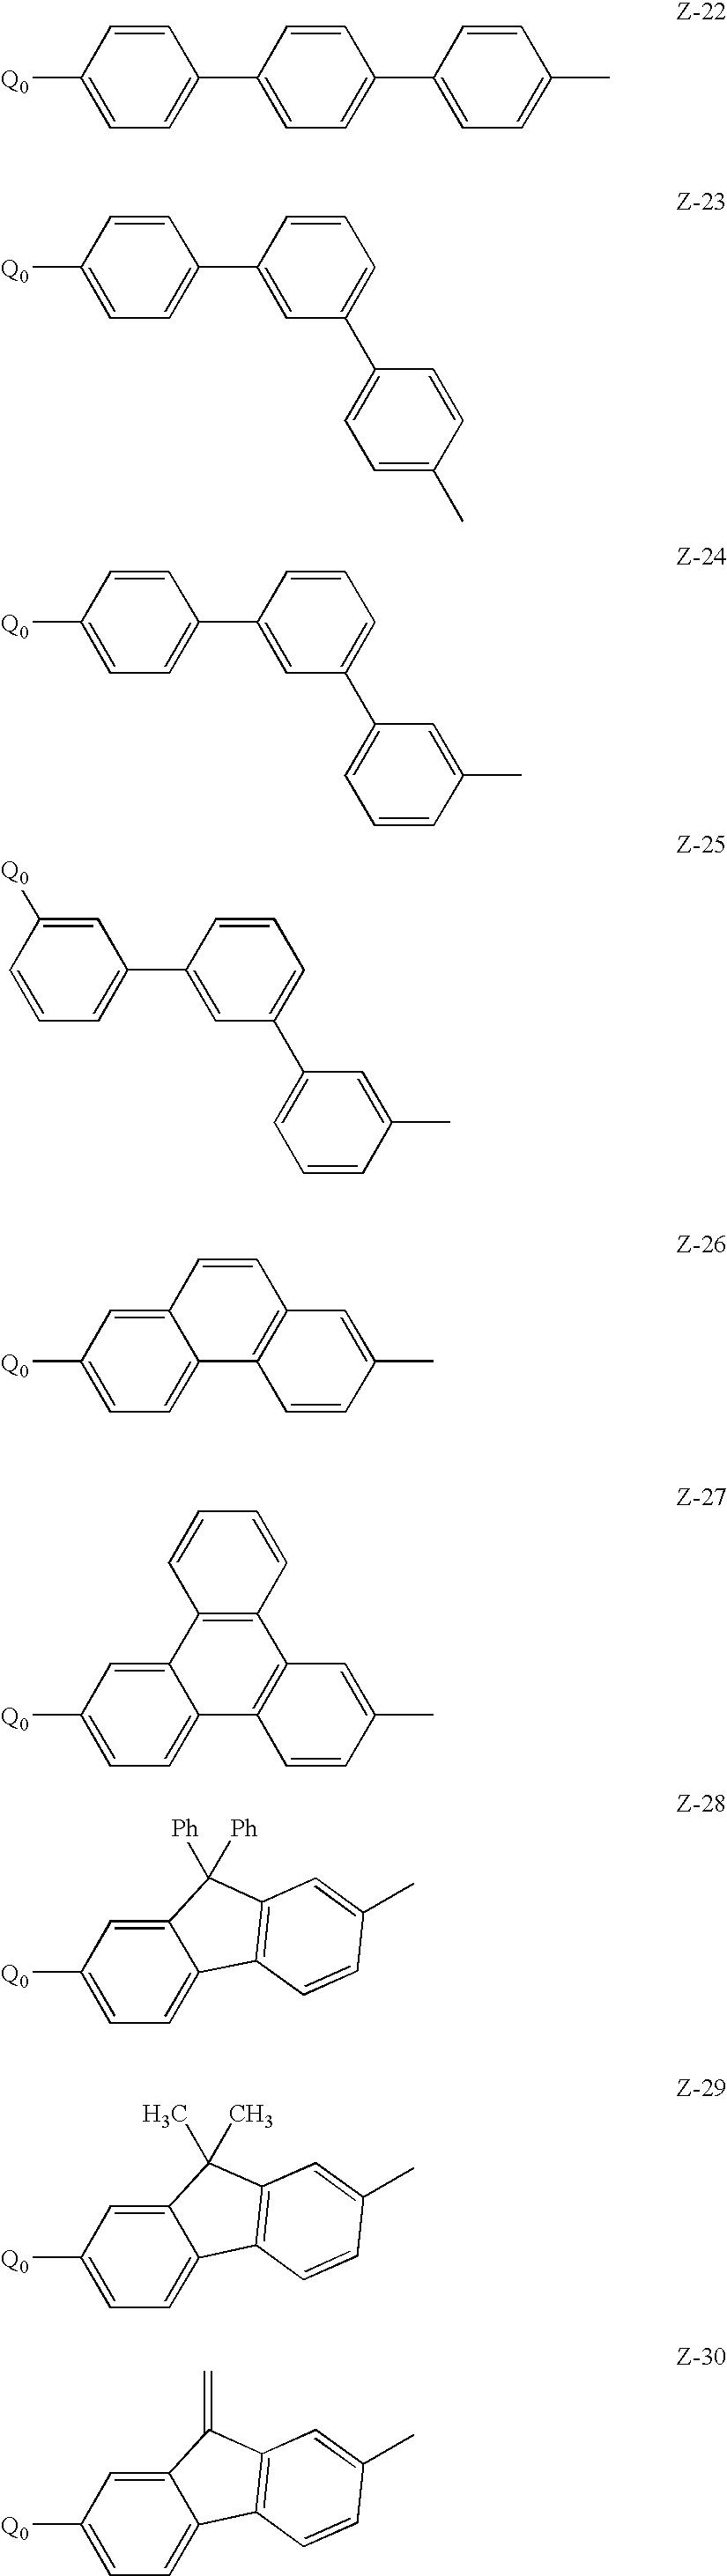 Figure US20060186796A1-20060824-C00009